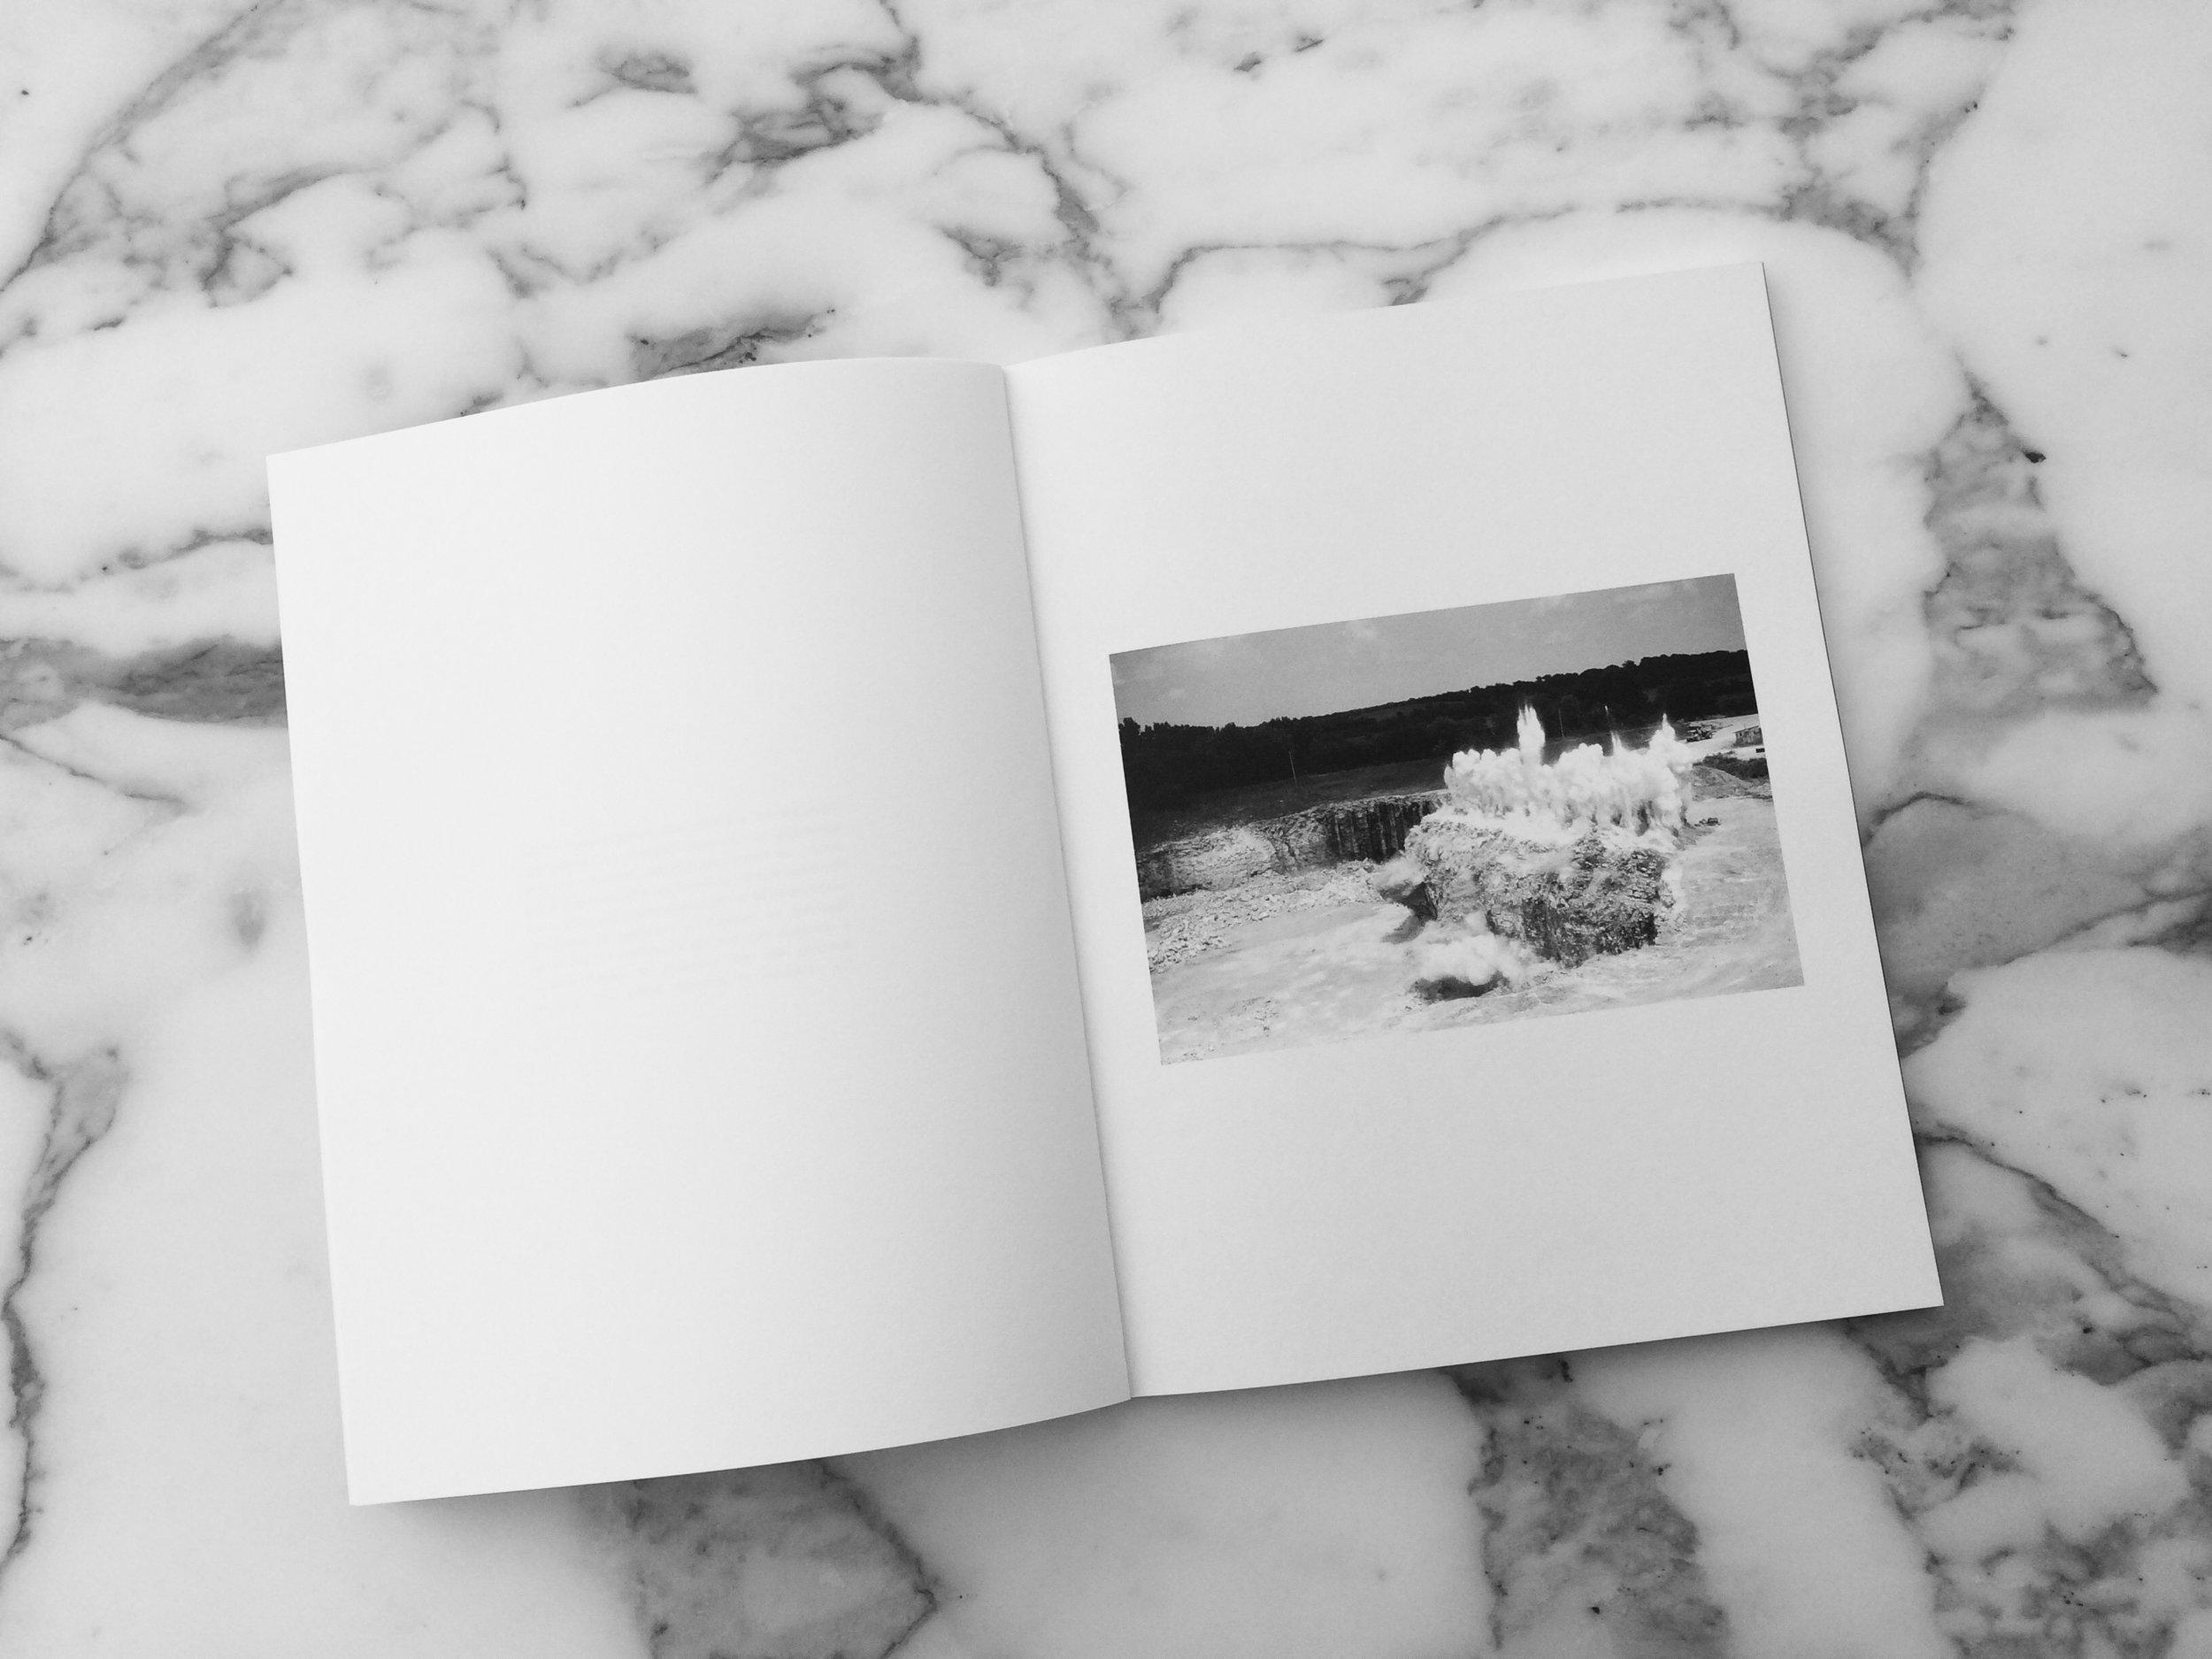 bookspread1.jpg